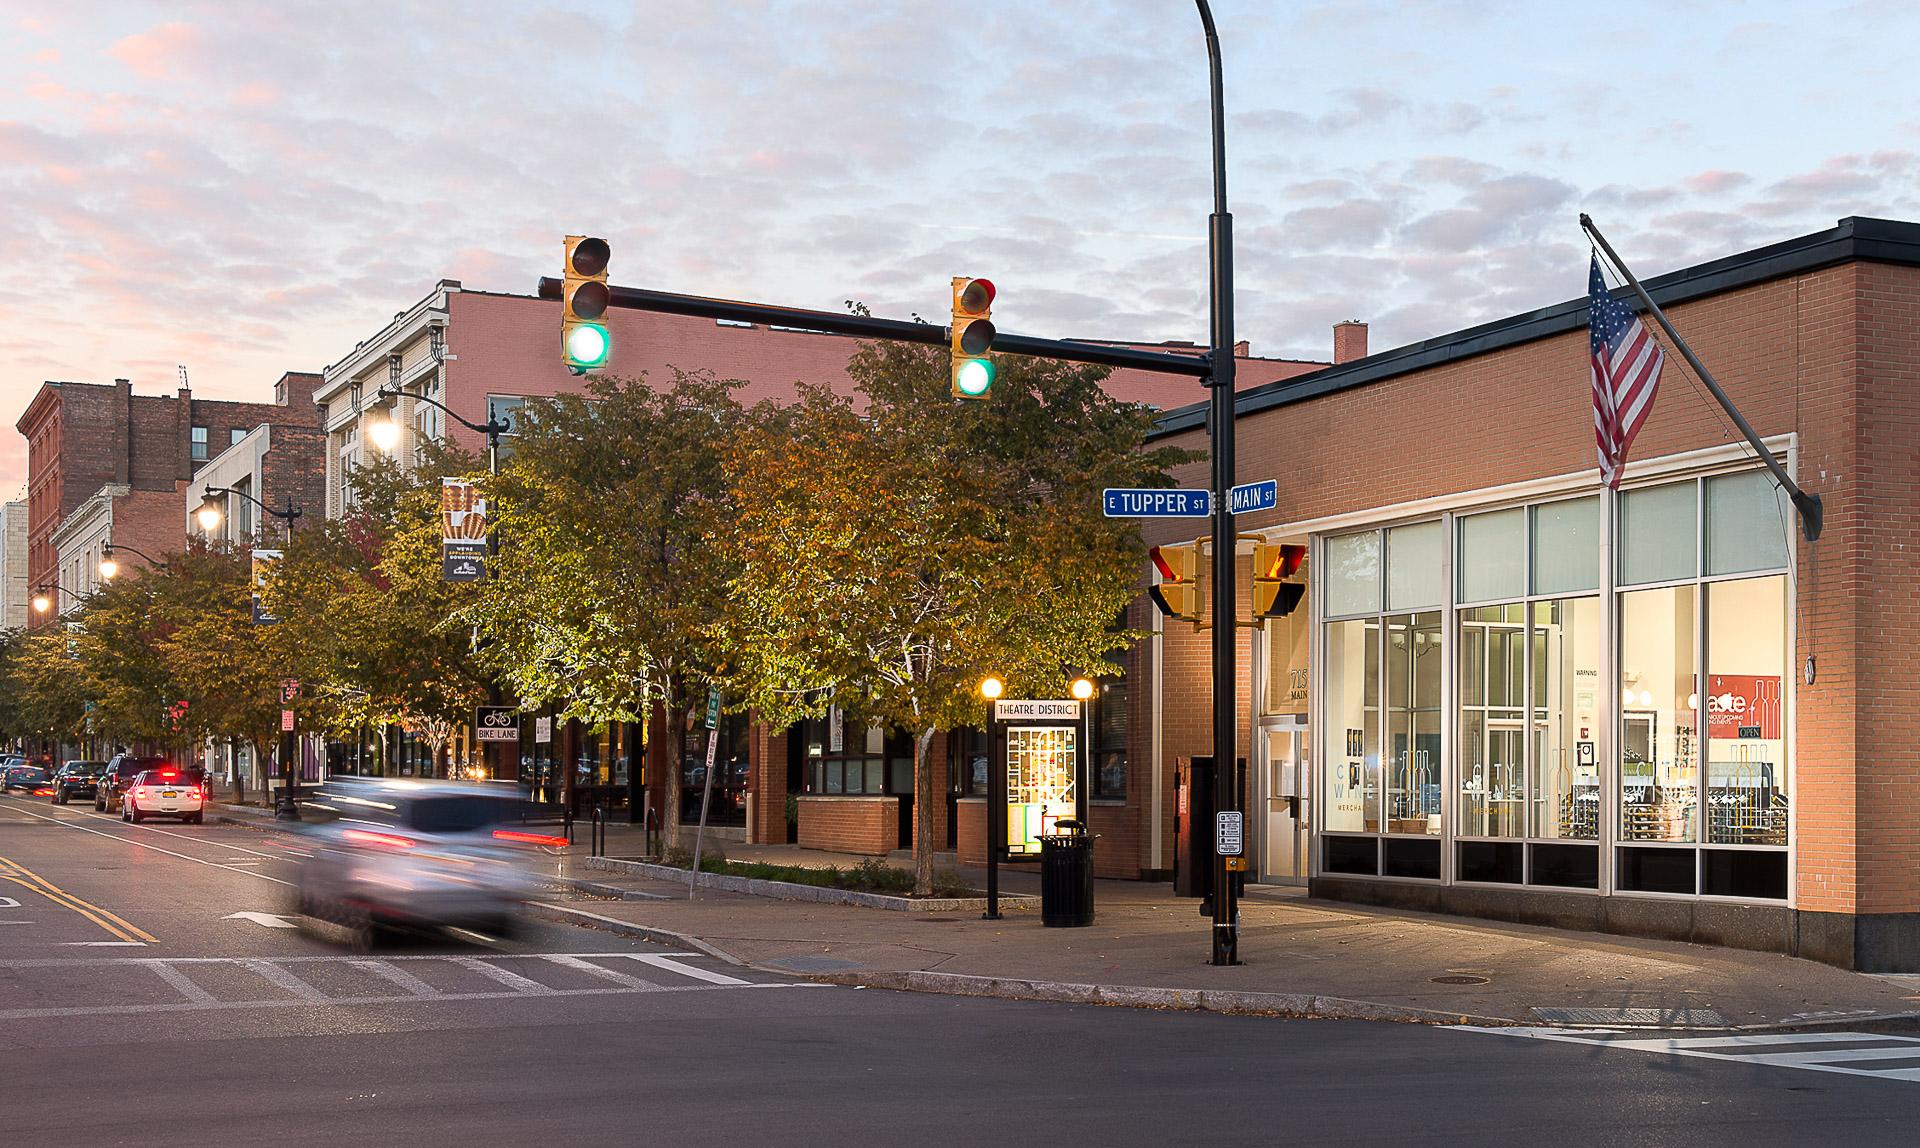 Photos of Main Street Buffalo USA, an artery to Buffalo Niagara Medical Campus